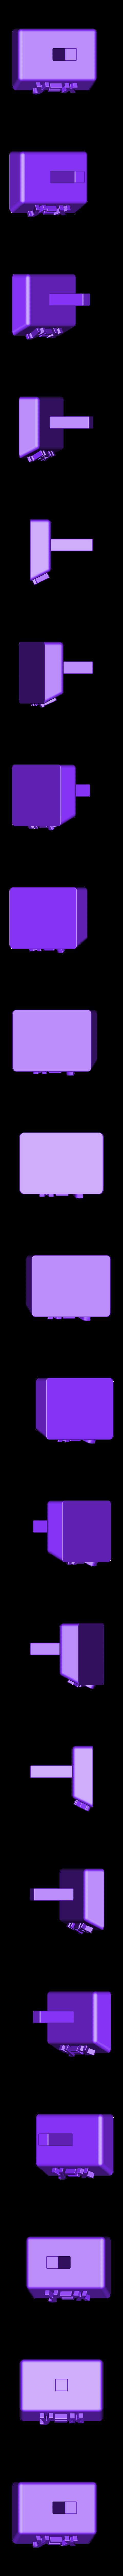 Function_Stickman_yx_bottom.stl Télécharger fichier STL gratuit Dancing Function Stickmen • Plan pour impression 3D, Chrisibub